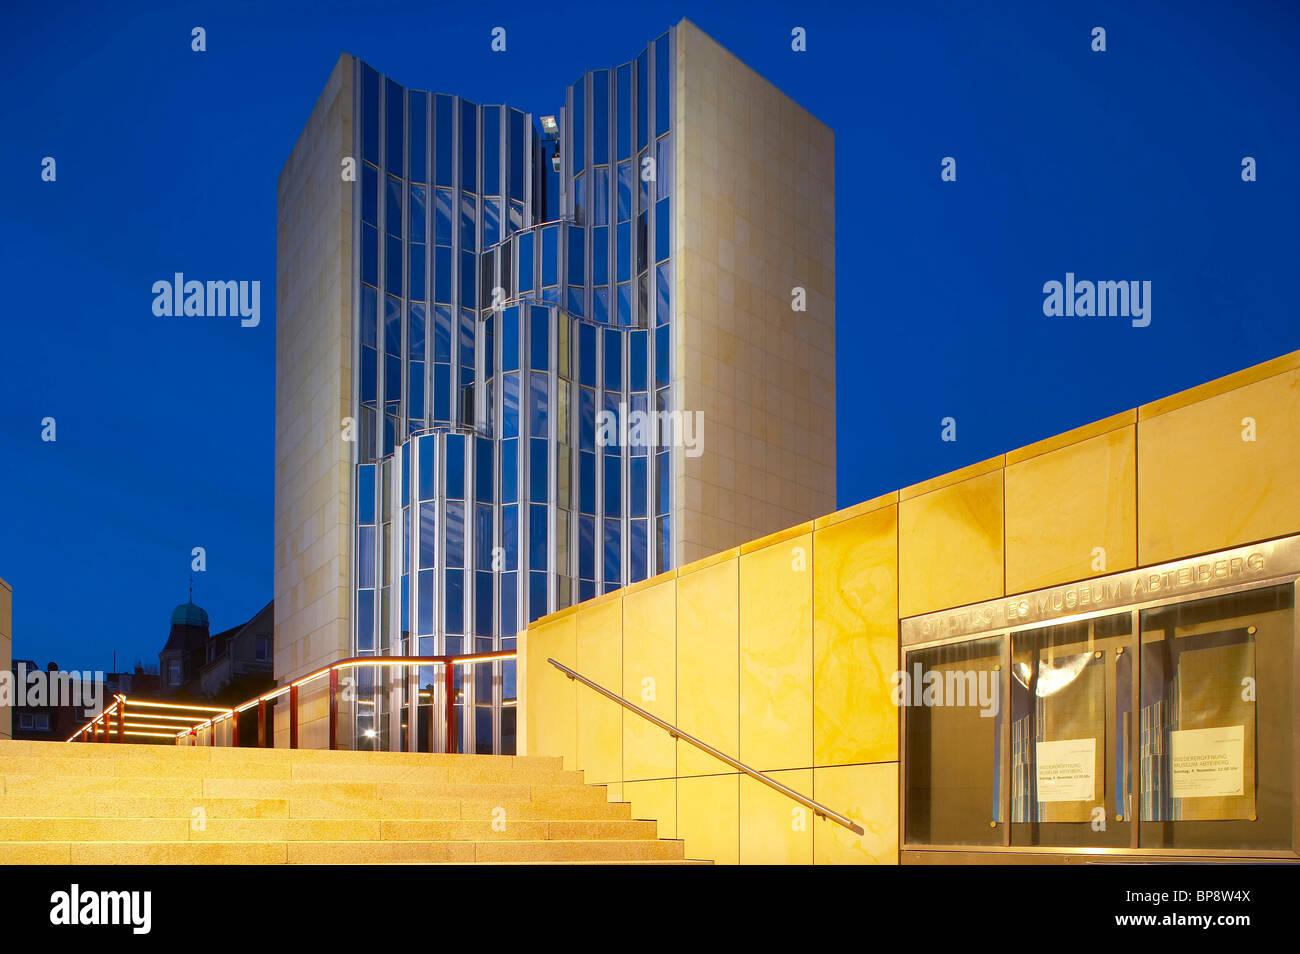 Architekt Mönchengladbach abend museum abteiberg architekt hans hollein mönchengladbach